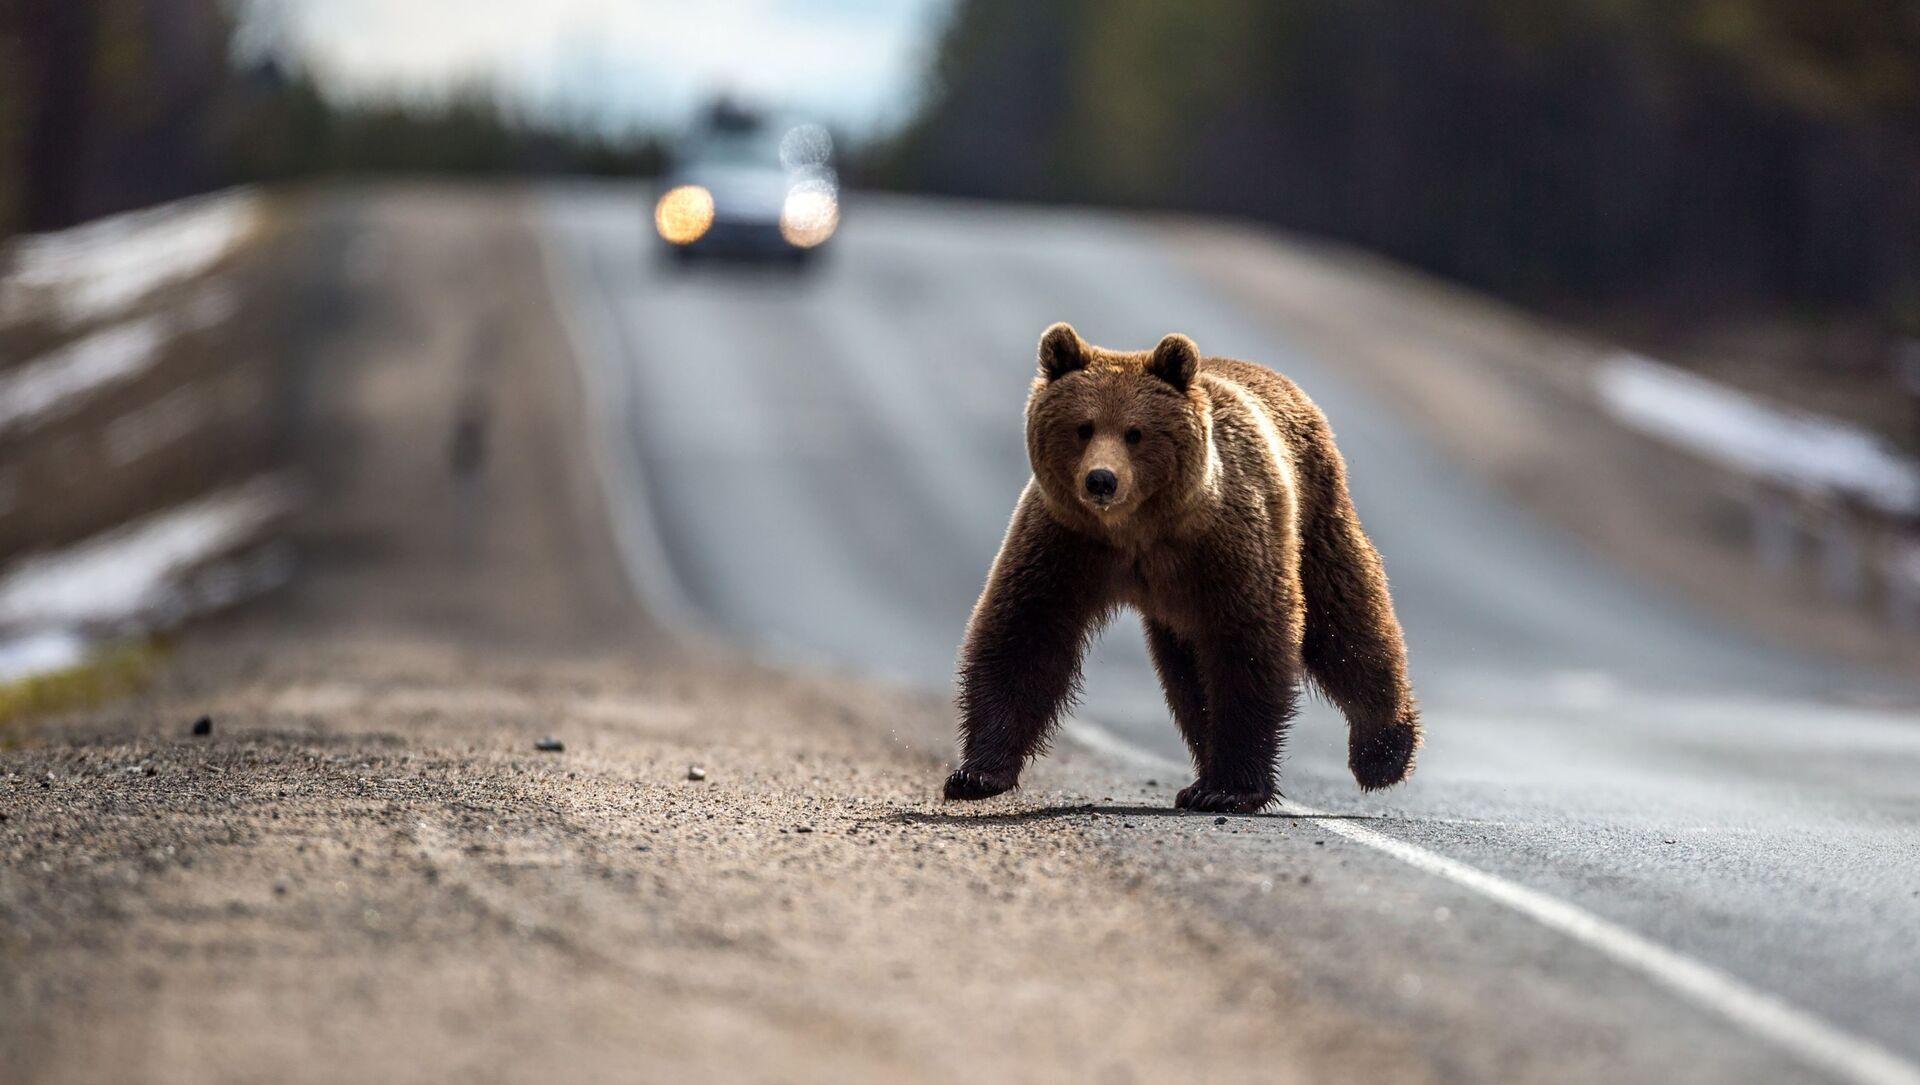 Medvěd po zimním spánku přebíhá přes silnici v ruské Karélii - Sputnik Česká republika, 1920, 18.03.2021